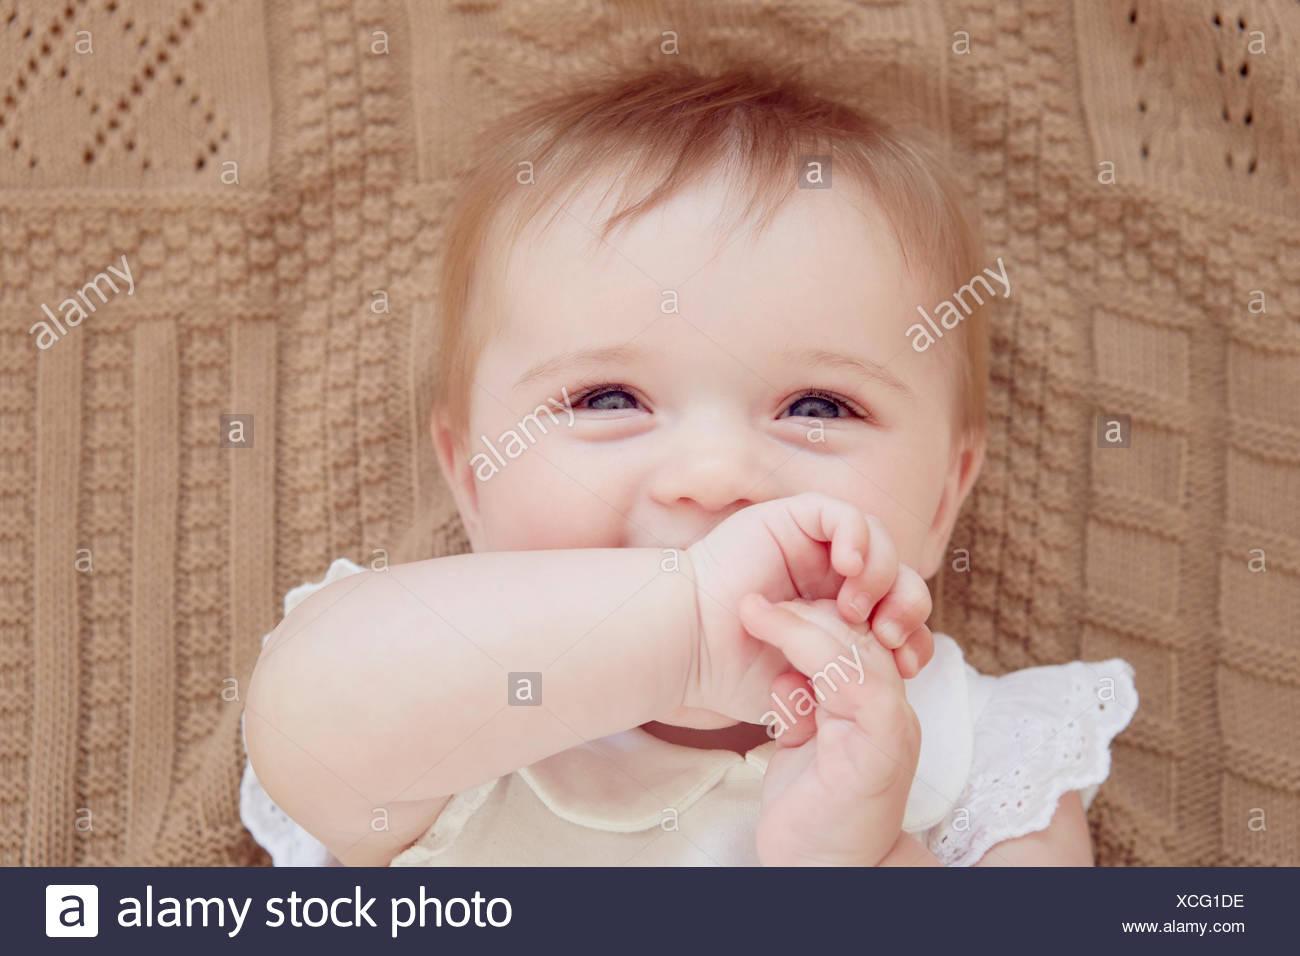 Close Up retrato de niña sonriente acostada sobre una manta Imagen De Stock